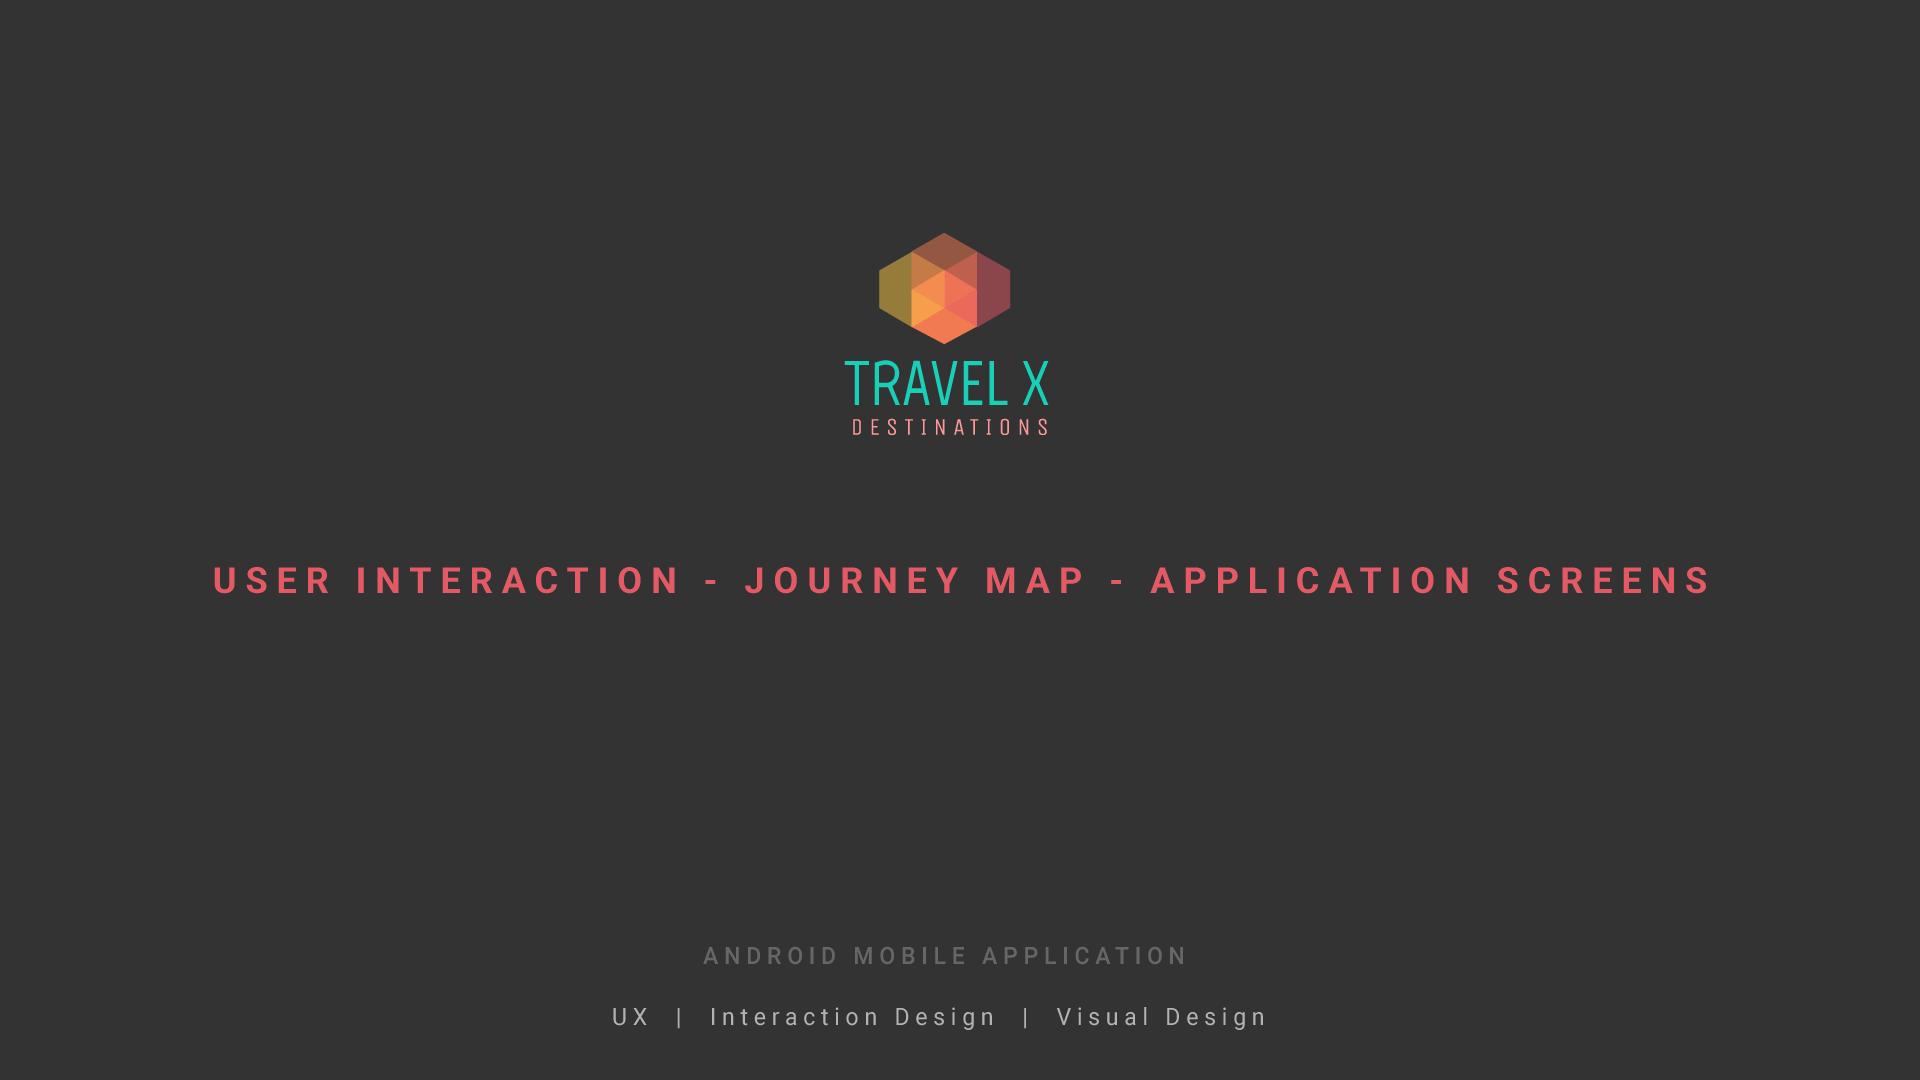 TravelX Application screens Visual design